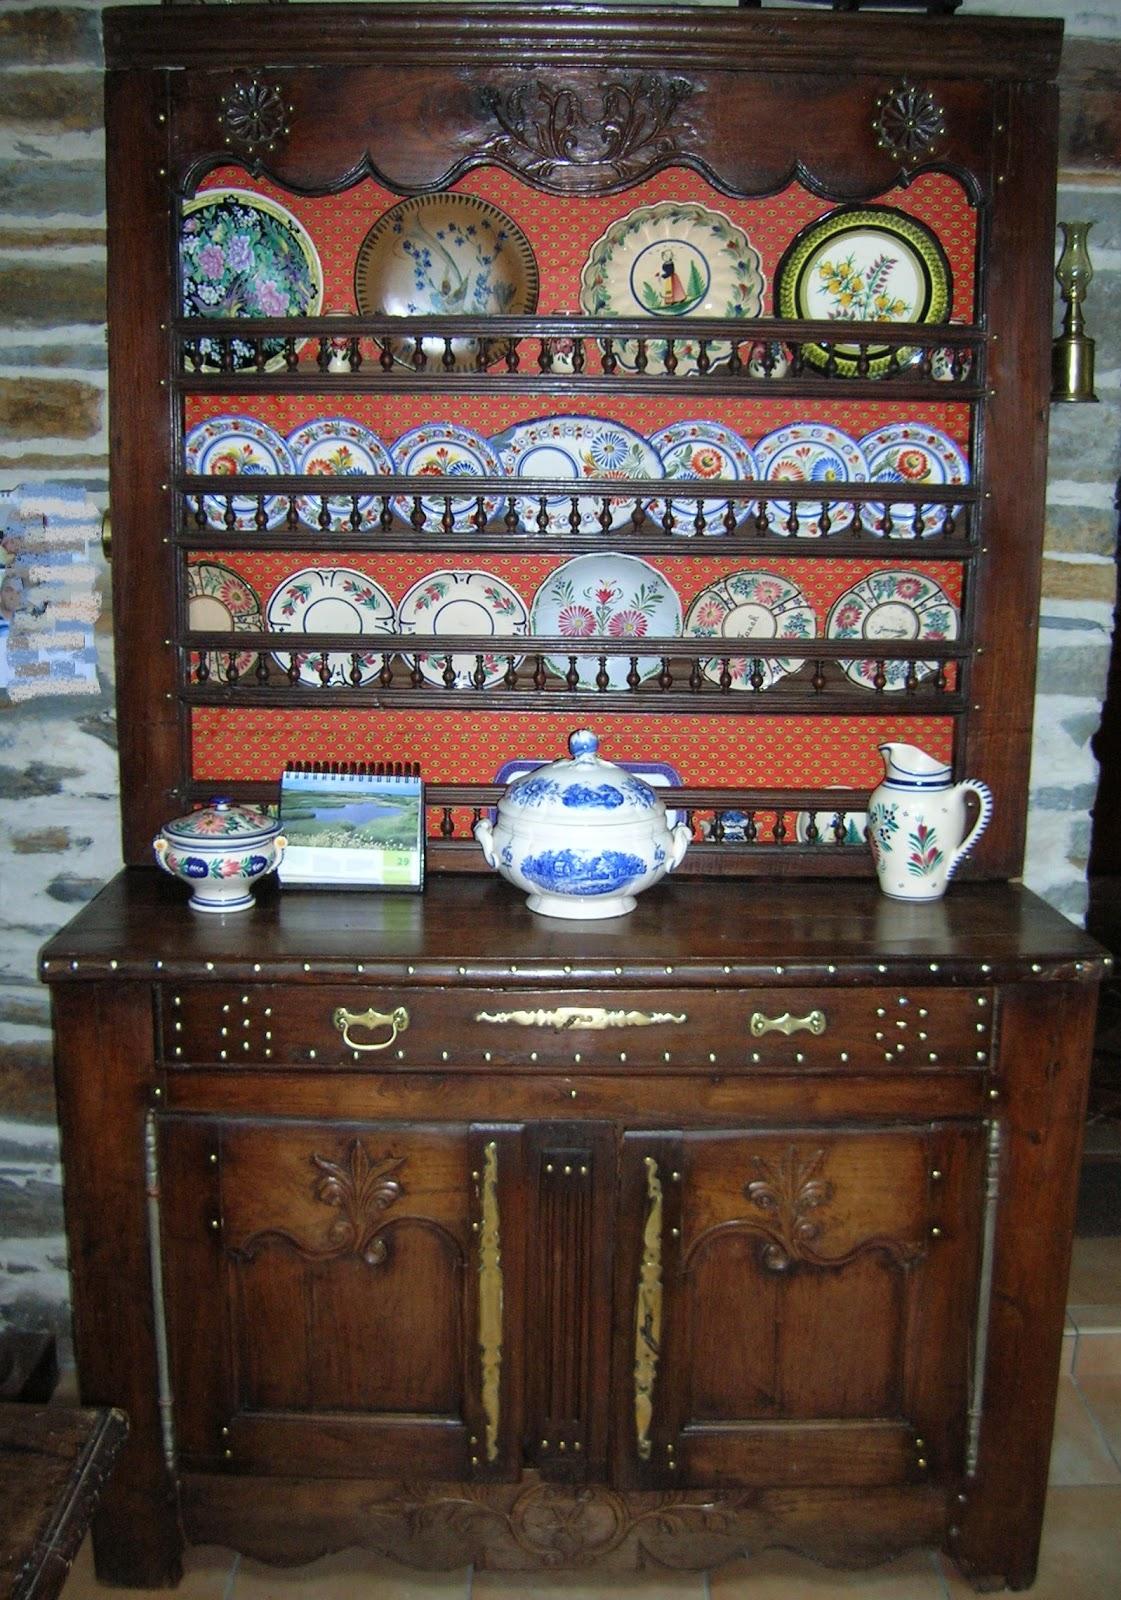 Rosquelfen mobilier traditionnel for Mobilier japonais traditionnel